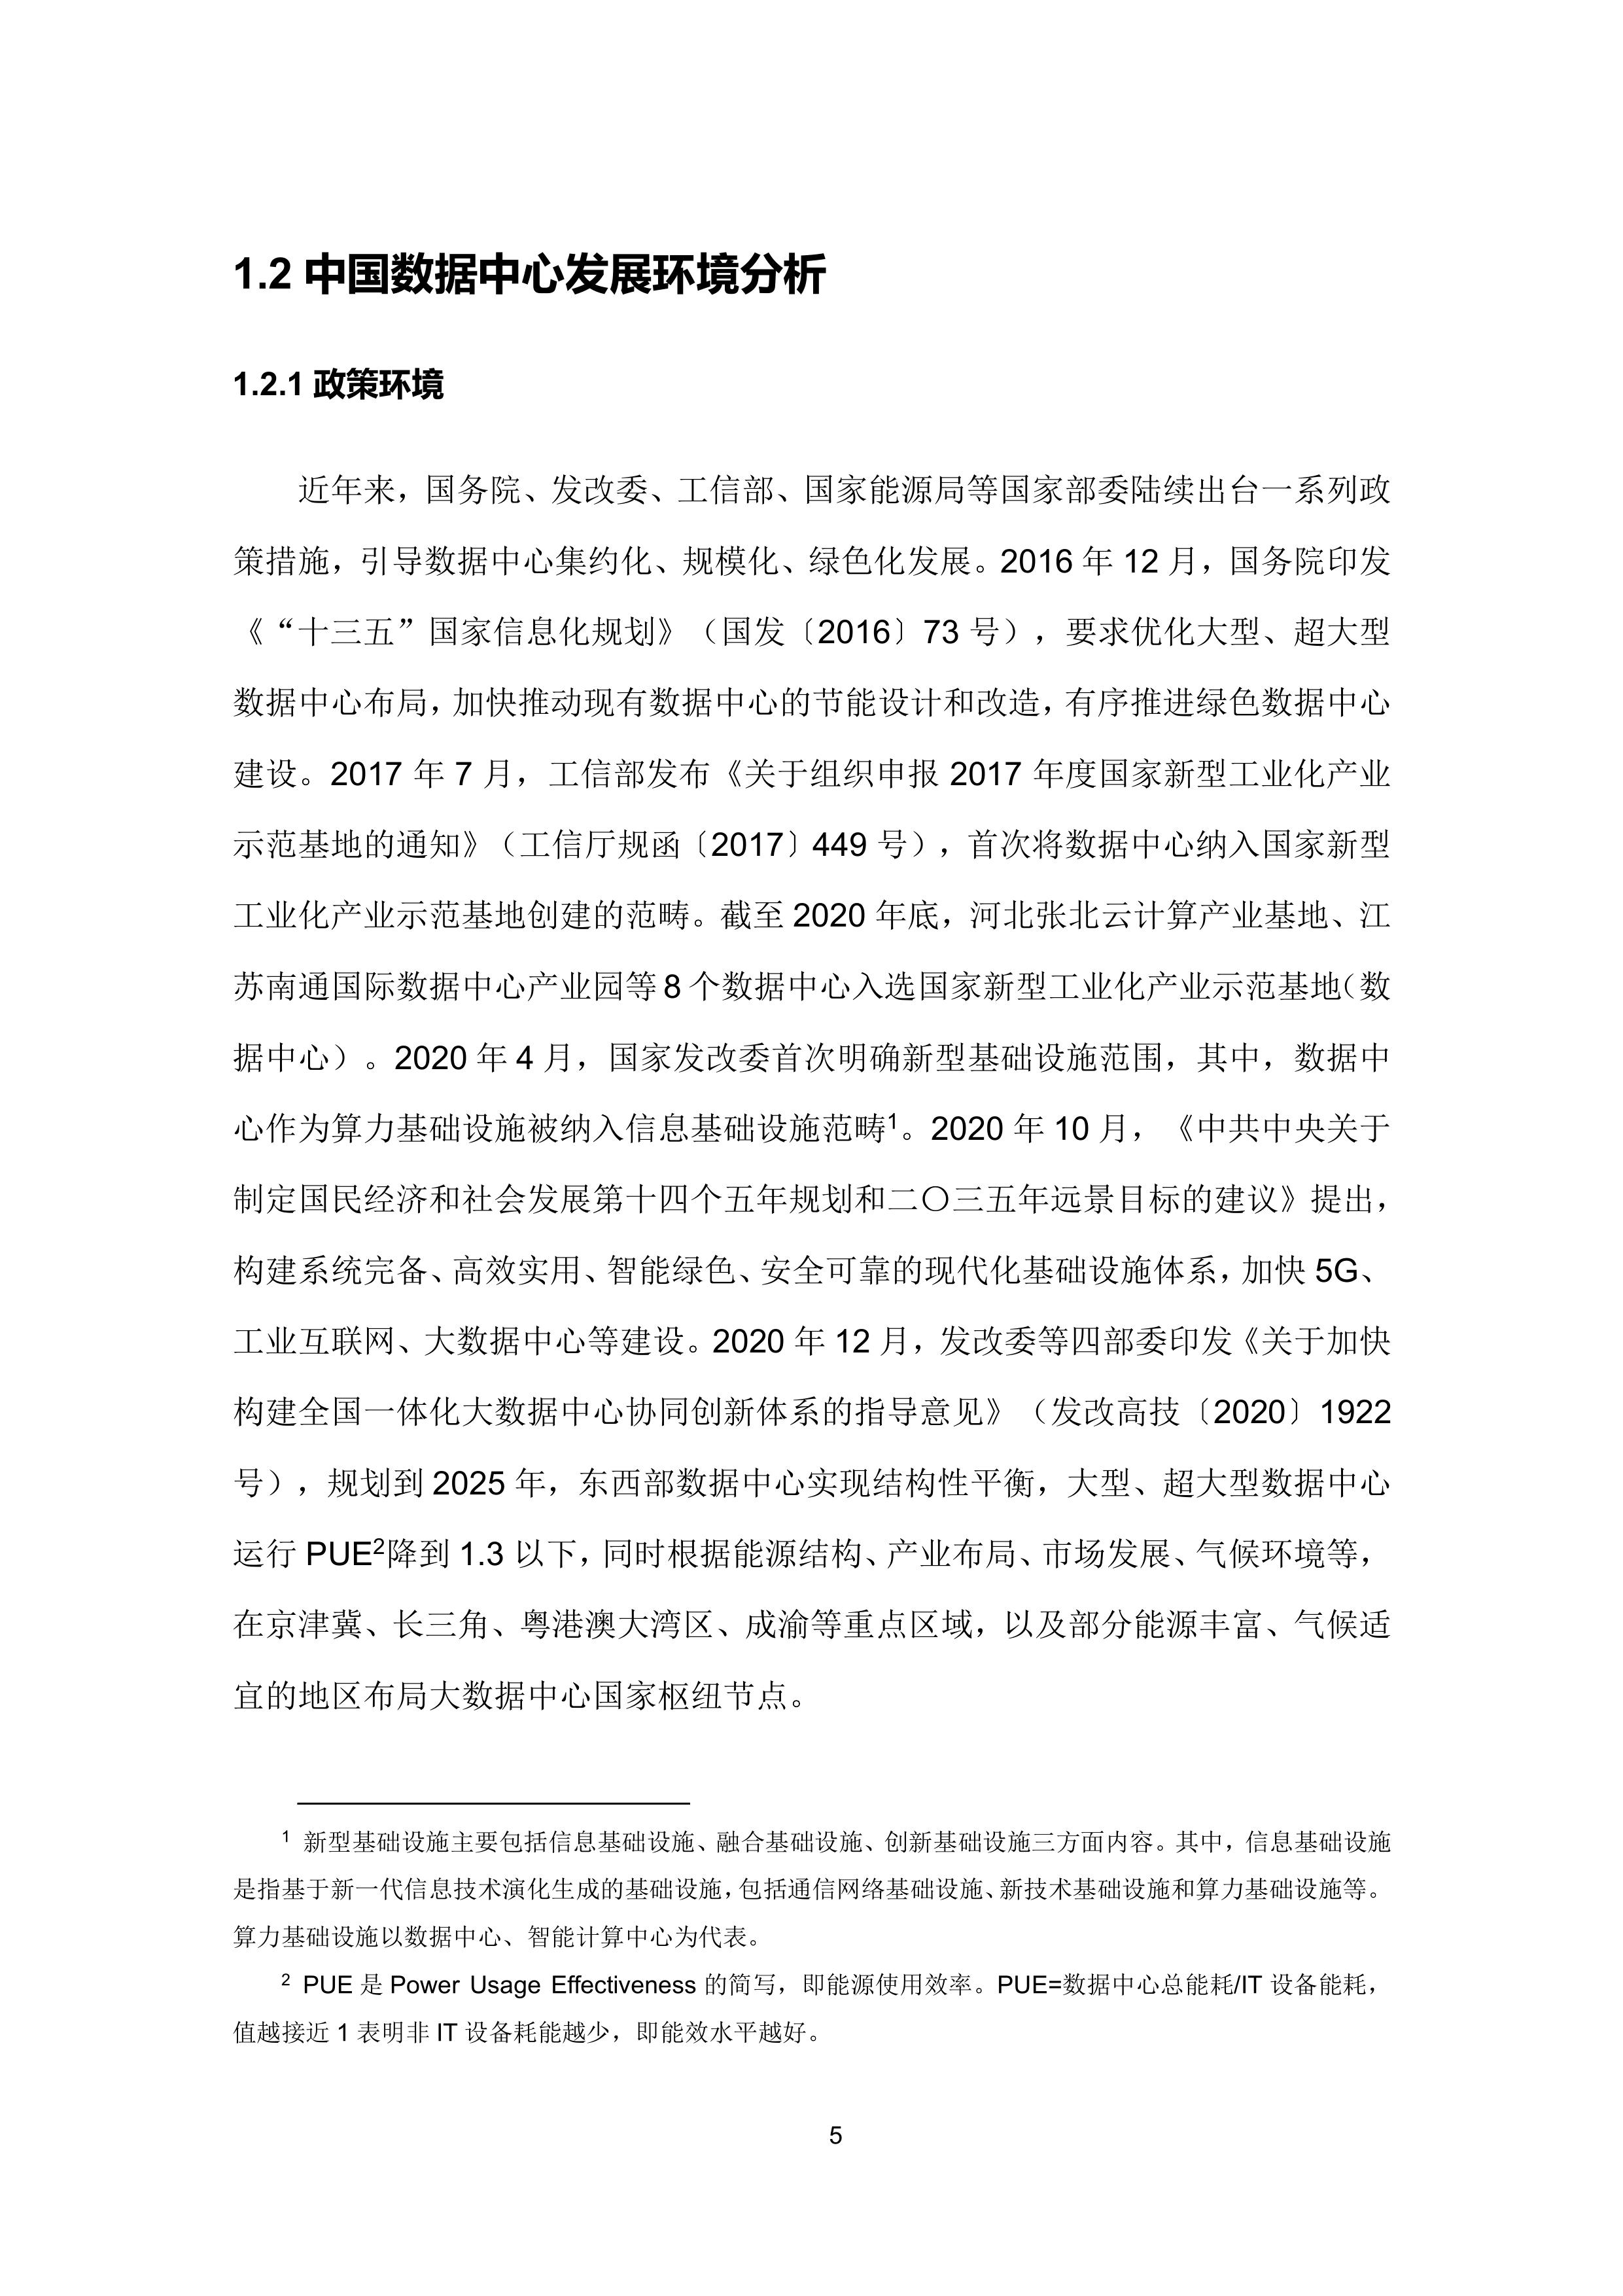 36氪研究院 - 新基建系列之:2020年中国城市数据中心发展指数报告-大菠萝官网(图16)